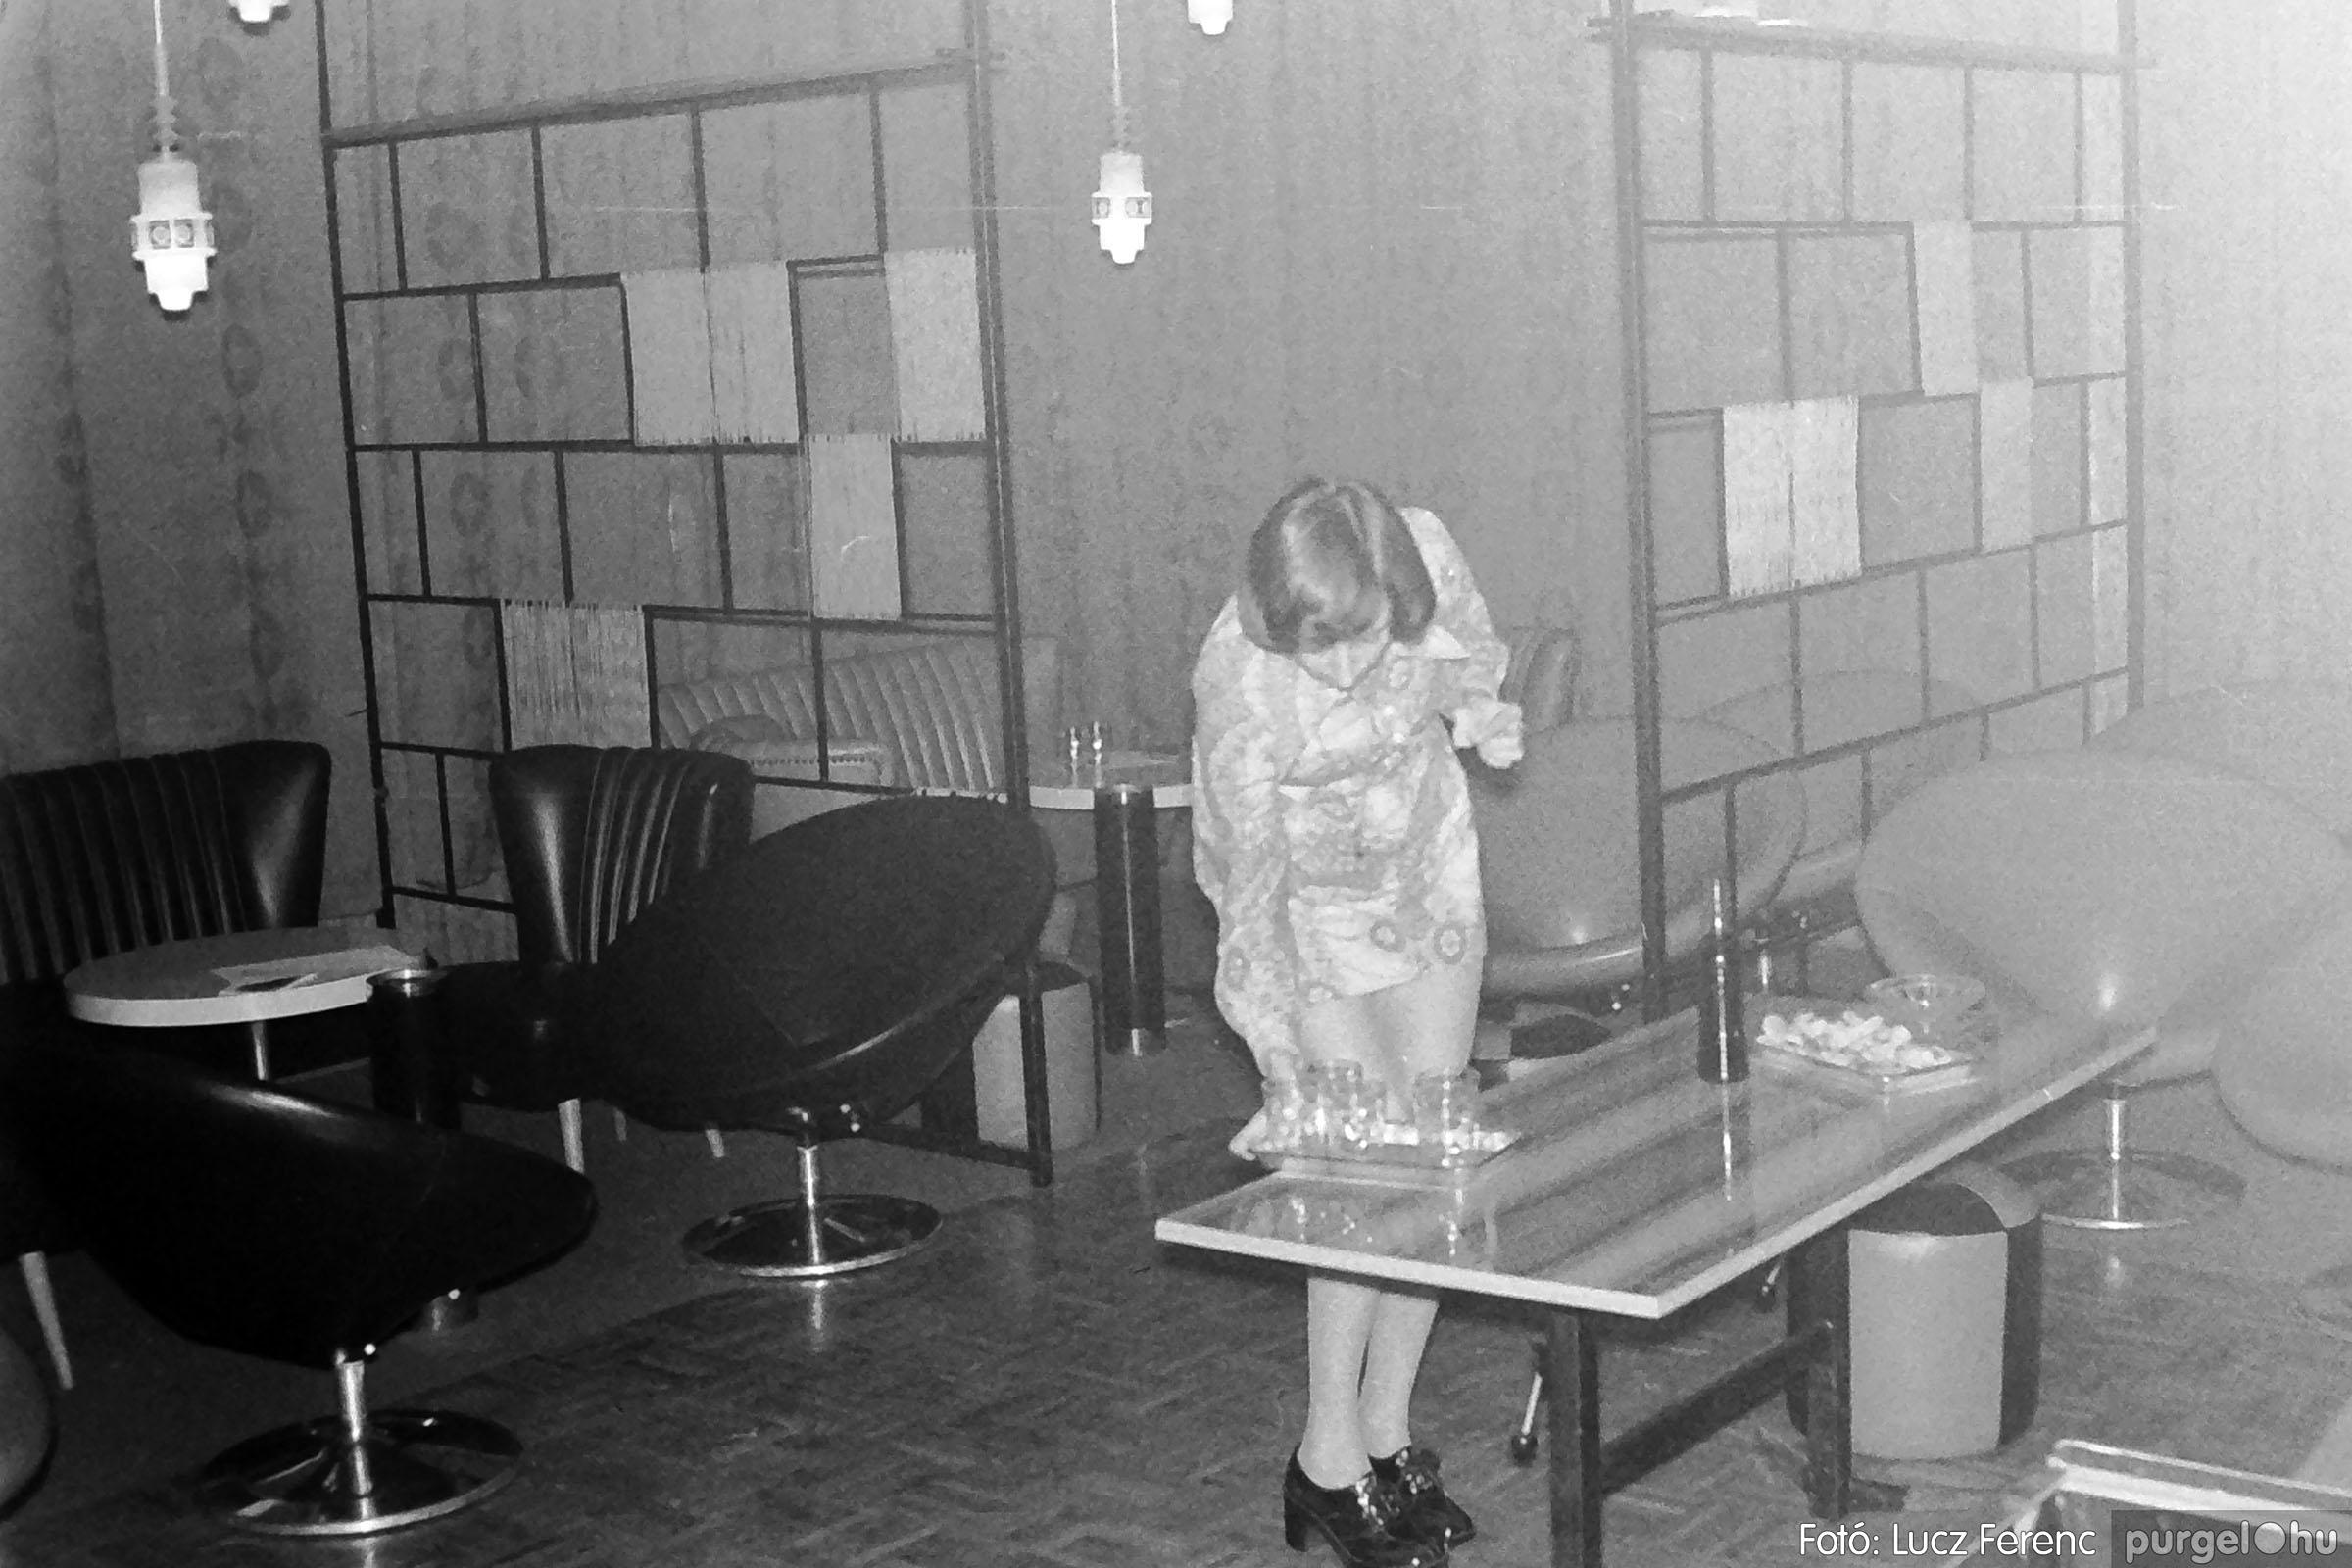 004A 1970-es évek - Ifjúsági klub 008 - Fotó: Lucz Ferenc IMG01169q.jpg